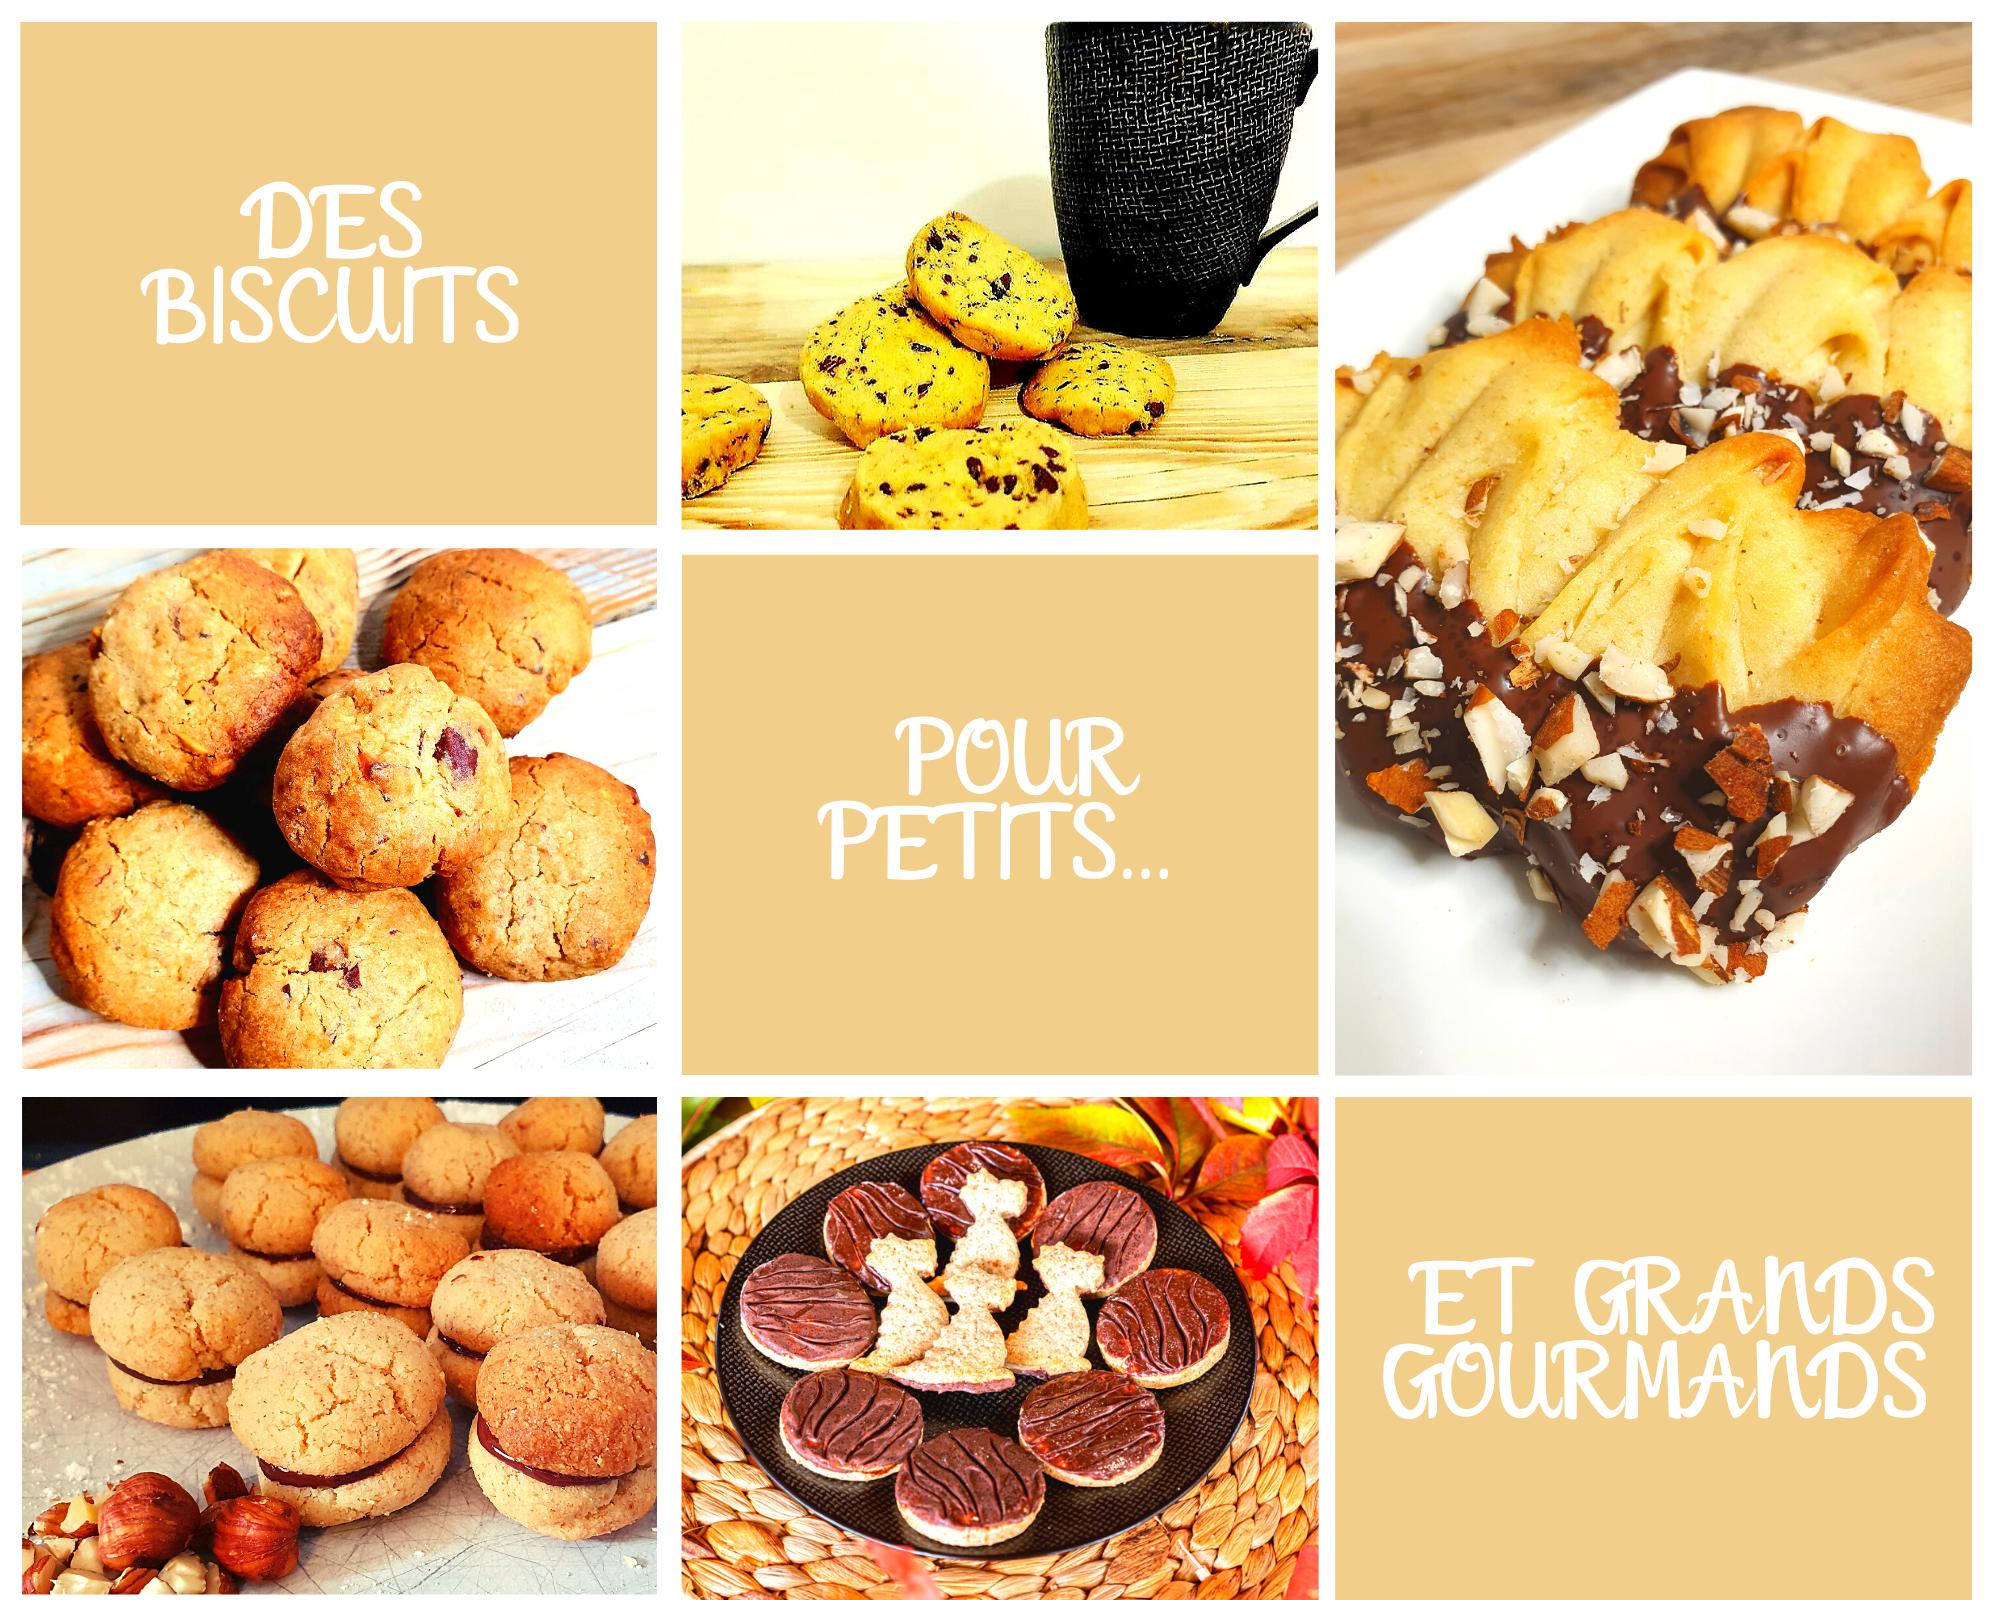 biscuits jardin des pousses